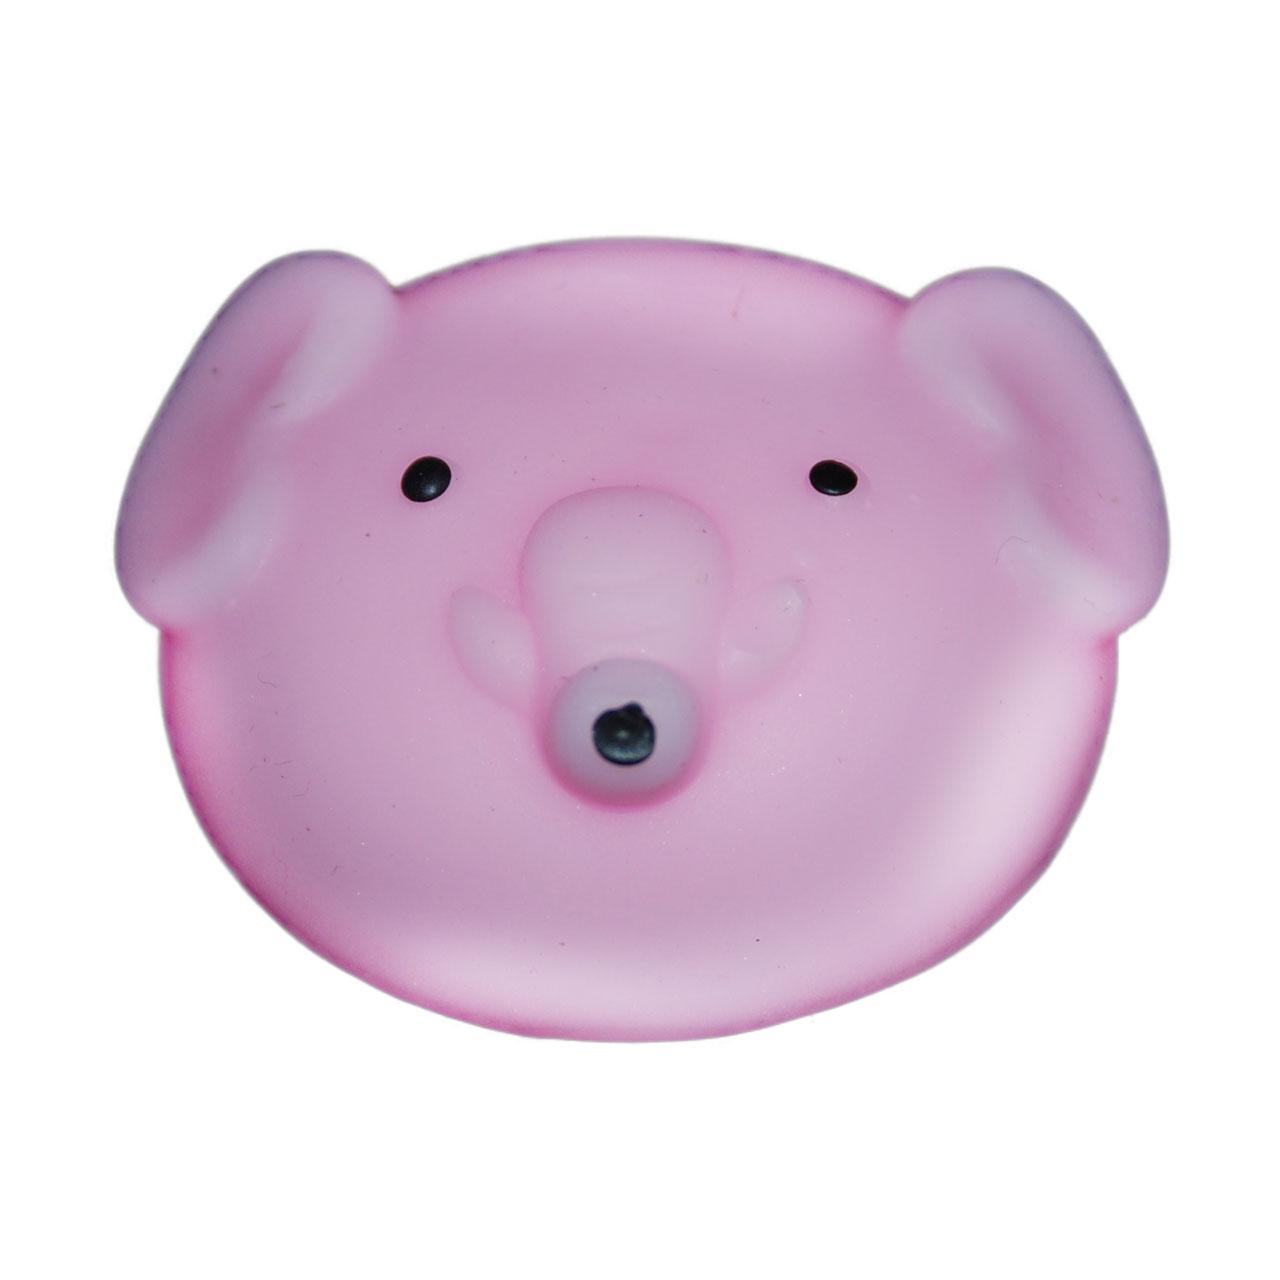 فروش                      فیجت طرح فیل کد B10091